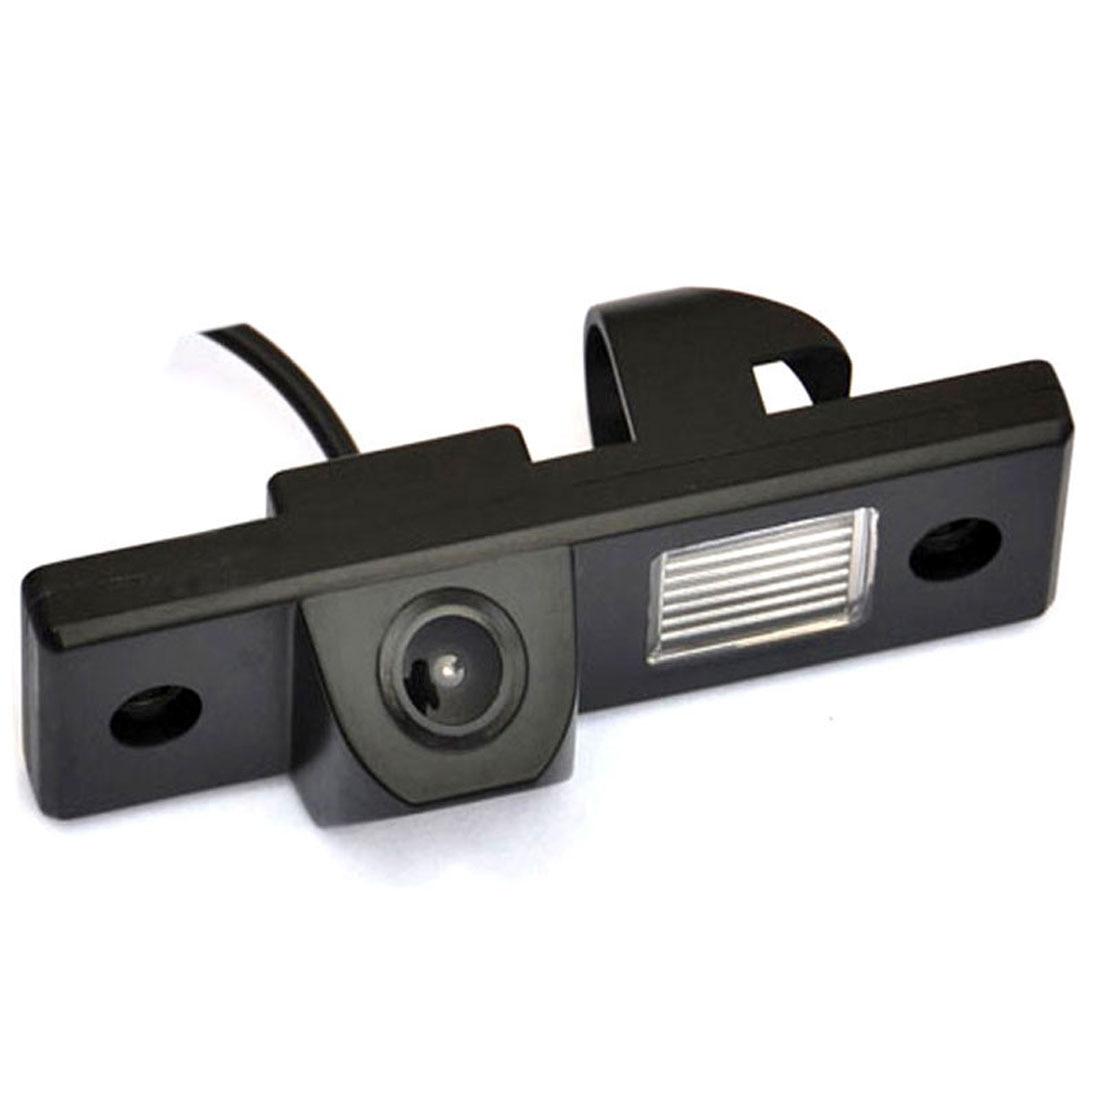 Car spécial De Vue Arrière Système de Stationnement de Recul Caméra de sauvegarde Pour CHEVROLET EPICA/LOVA/AVEO/CAPTIVA/CRUZE/LACETTI